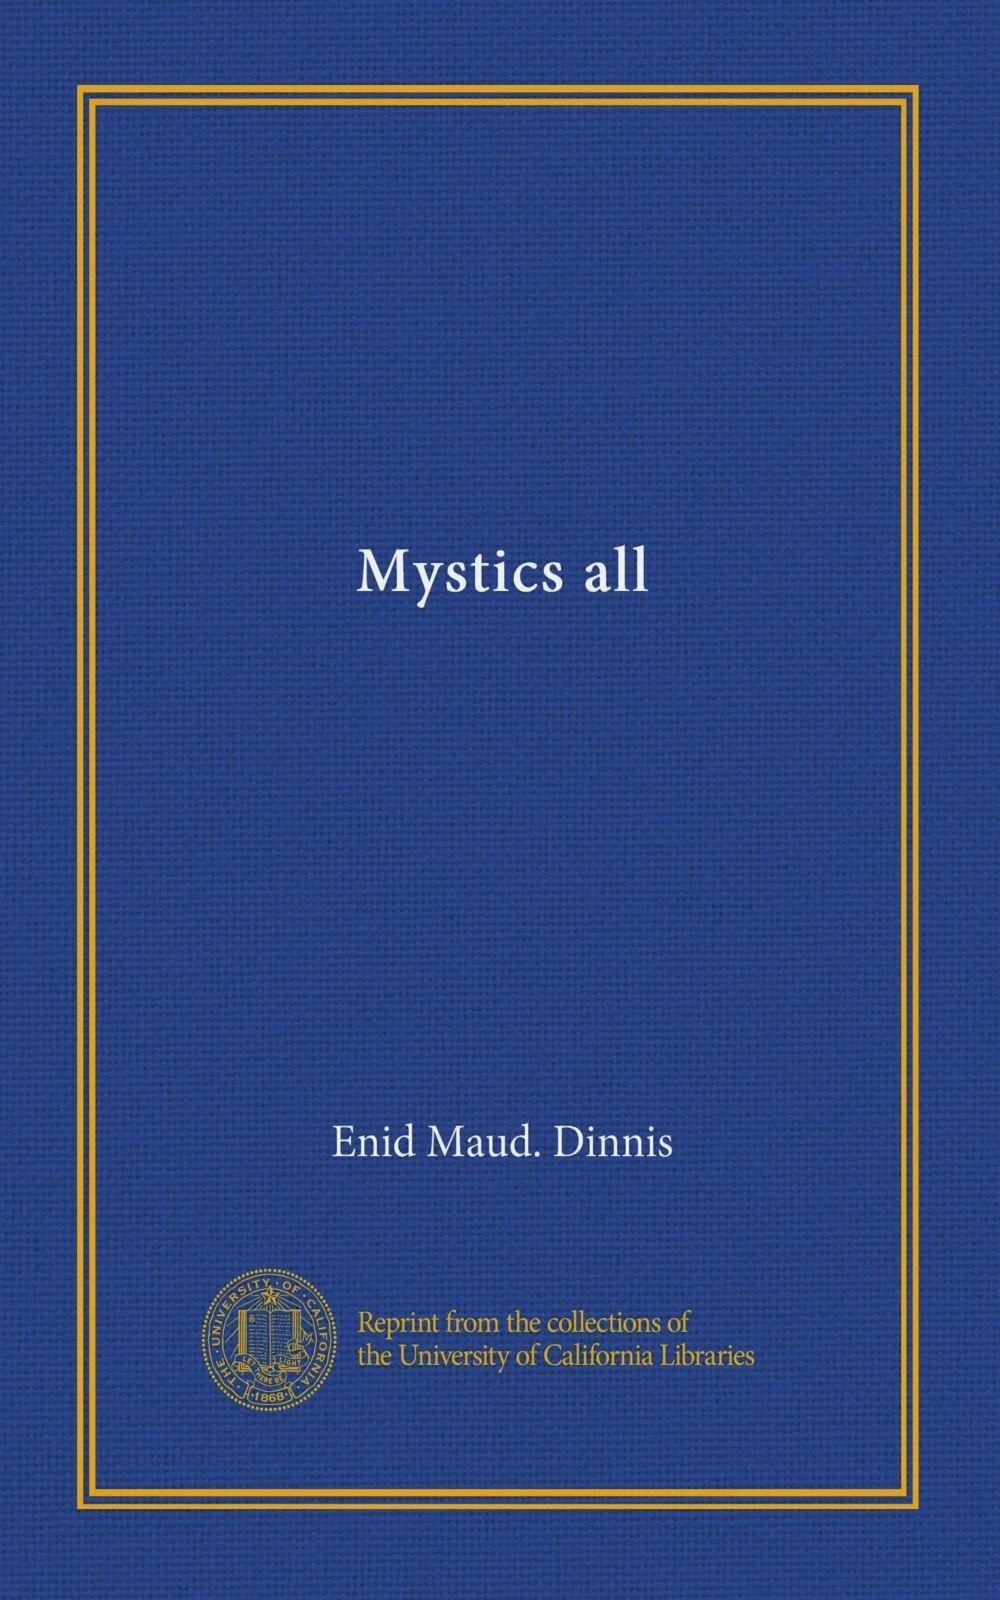 Mystics all ebook